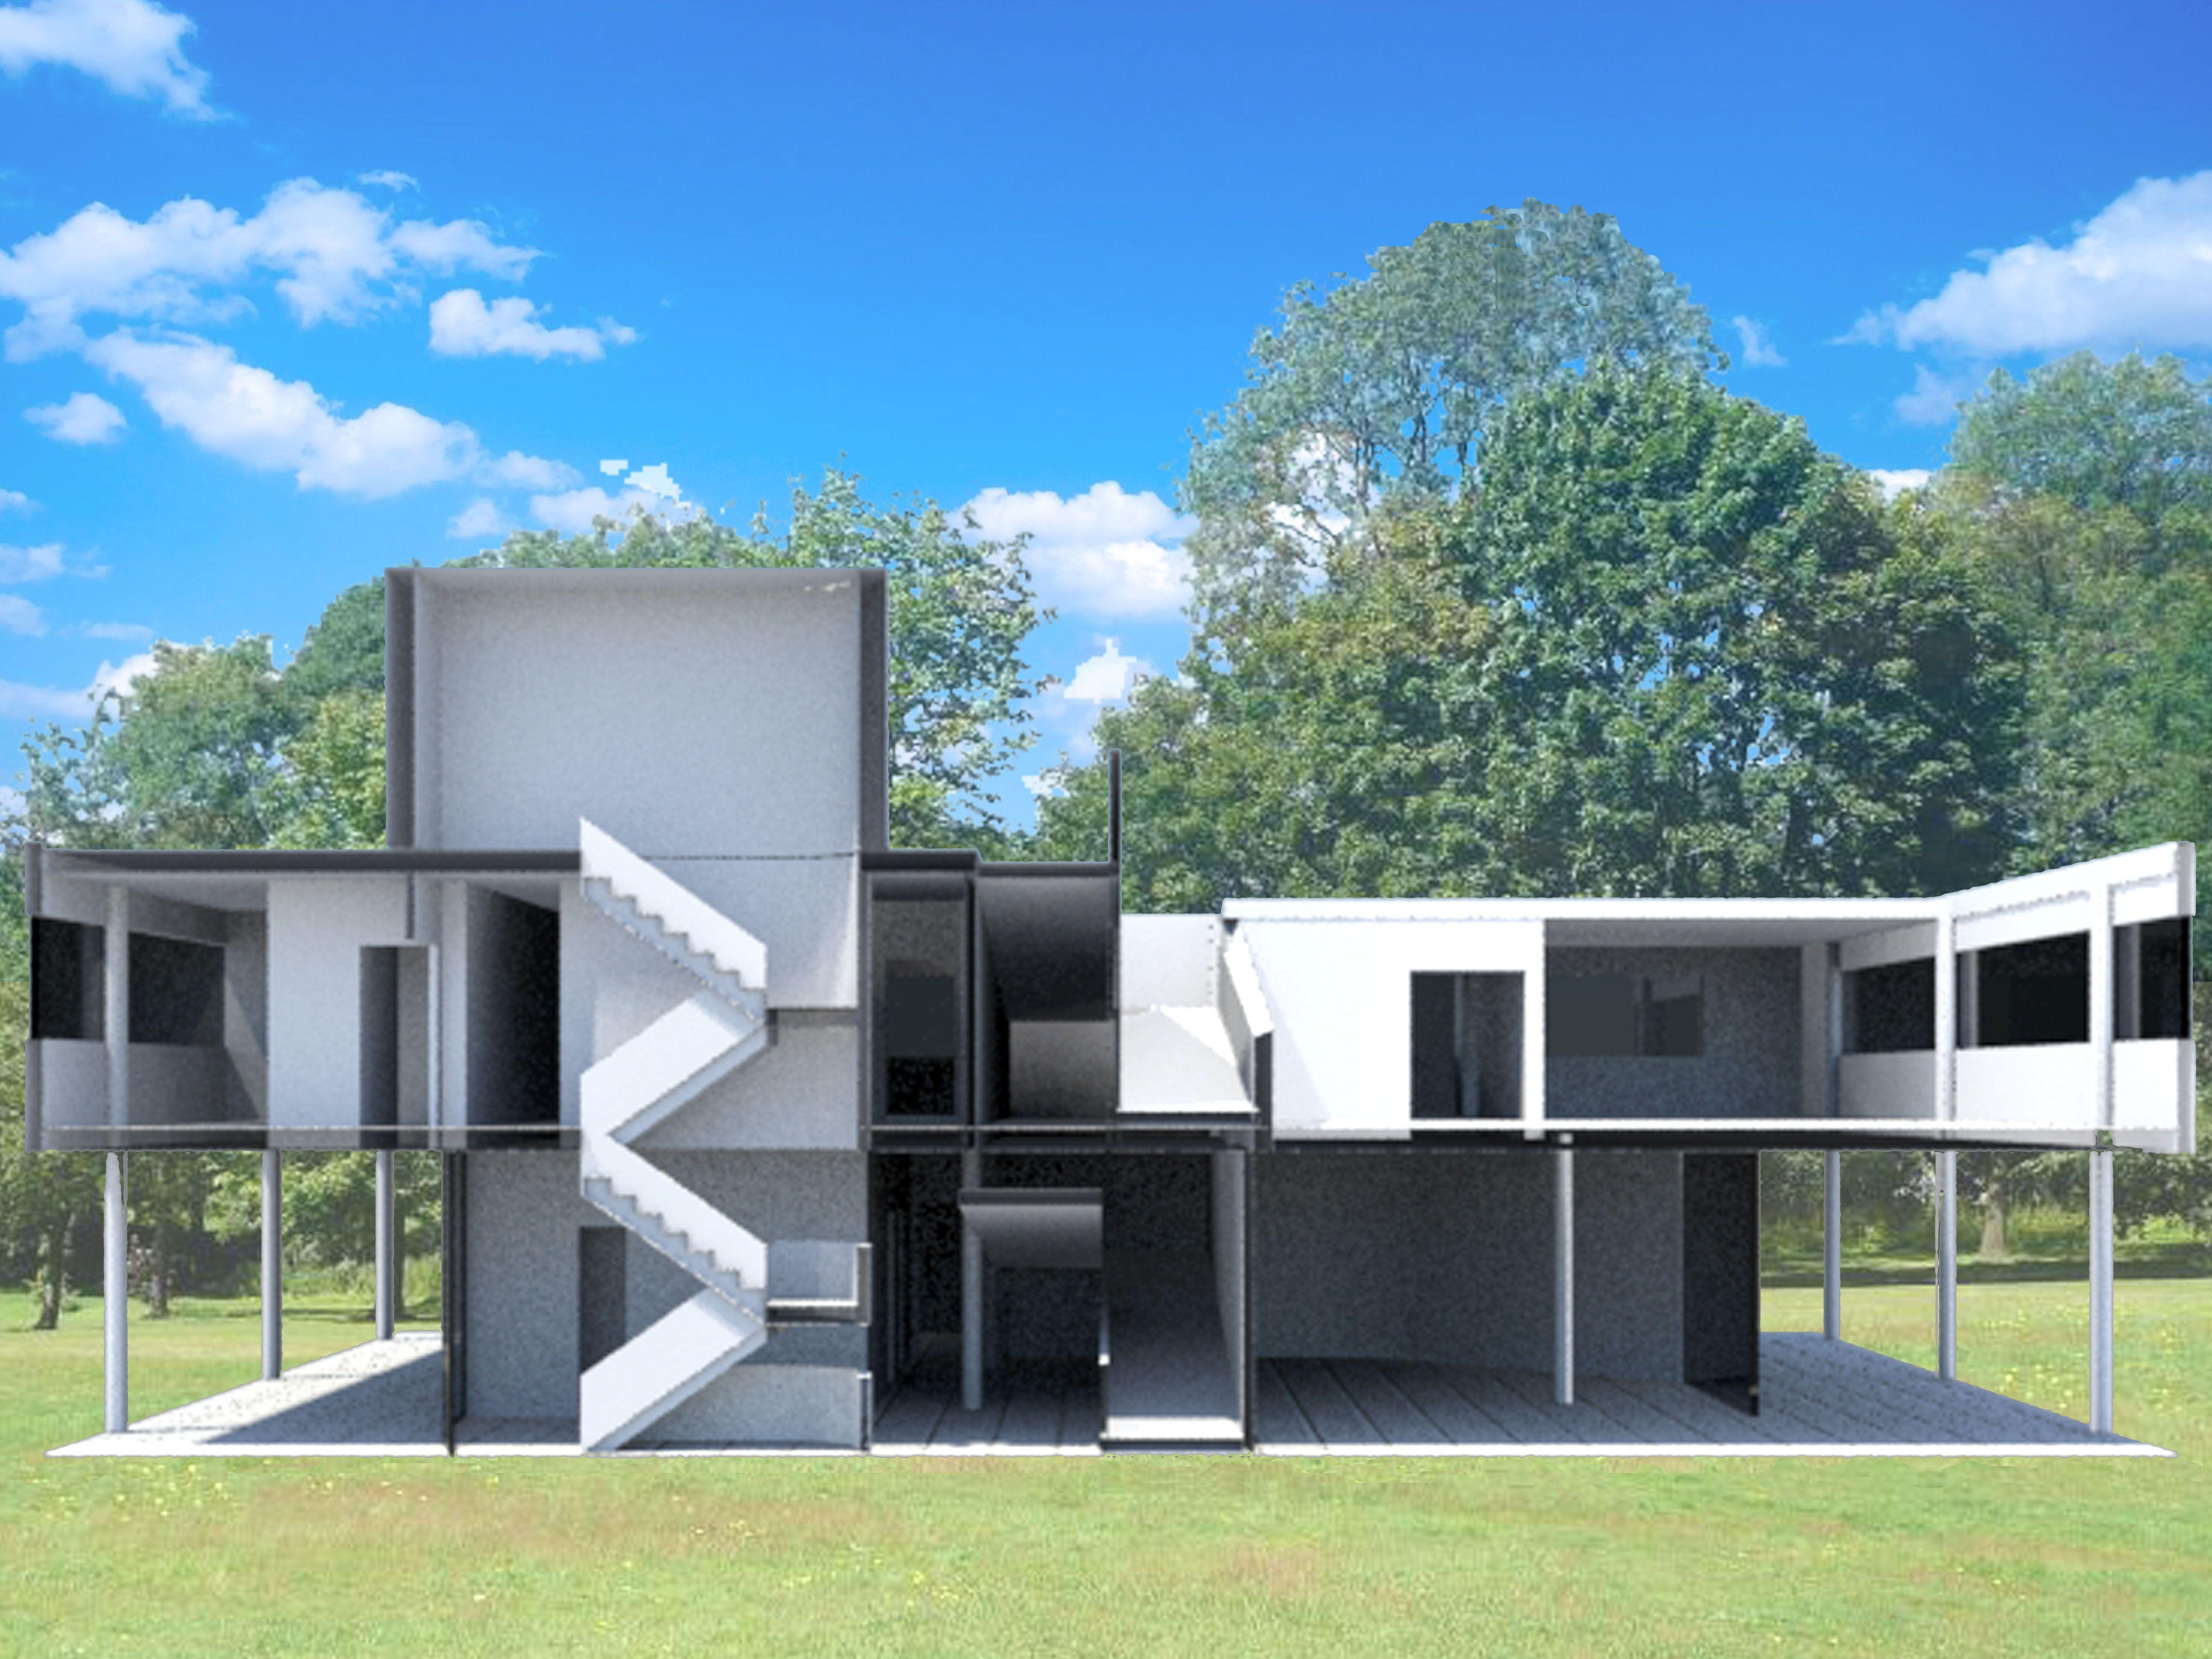 Le corbusier villa savoye interior - Explore 3ds Max Le Corbusier And More Villa Savoye